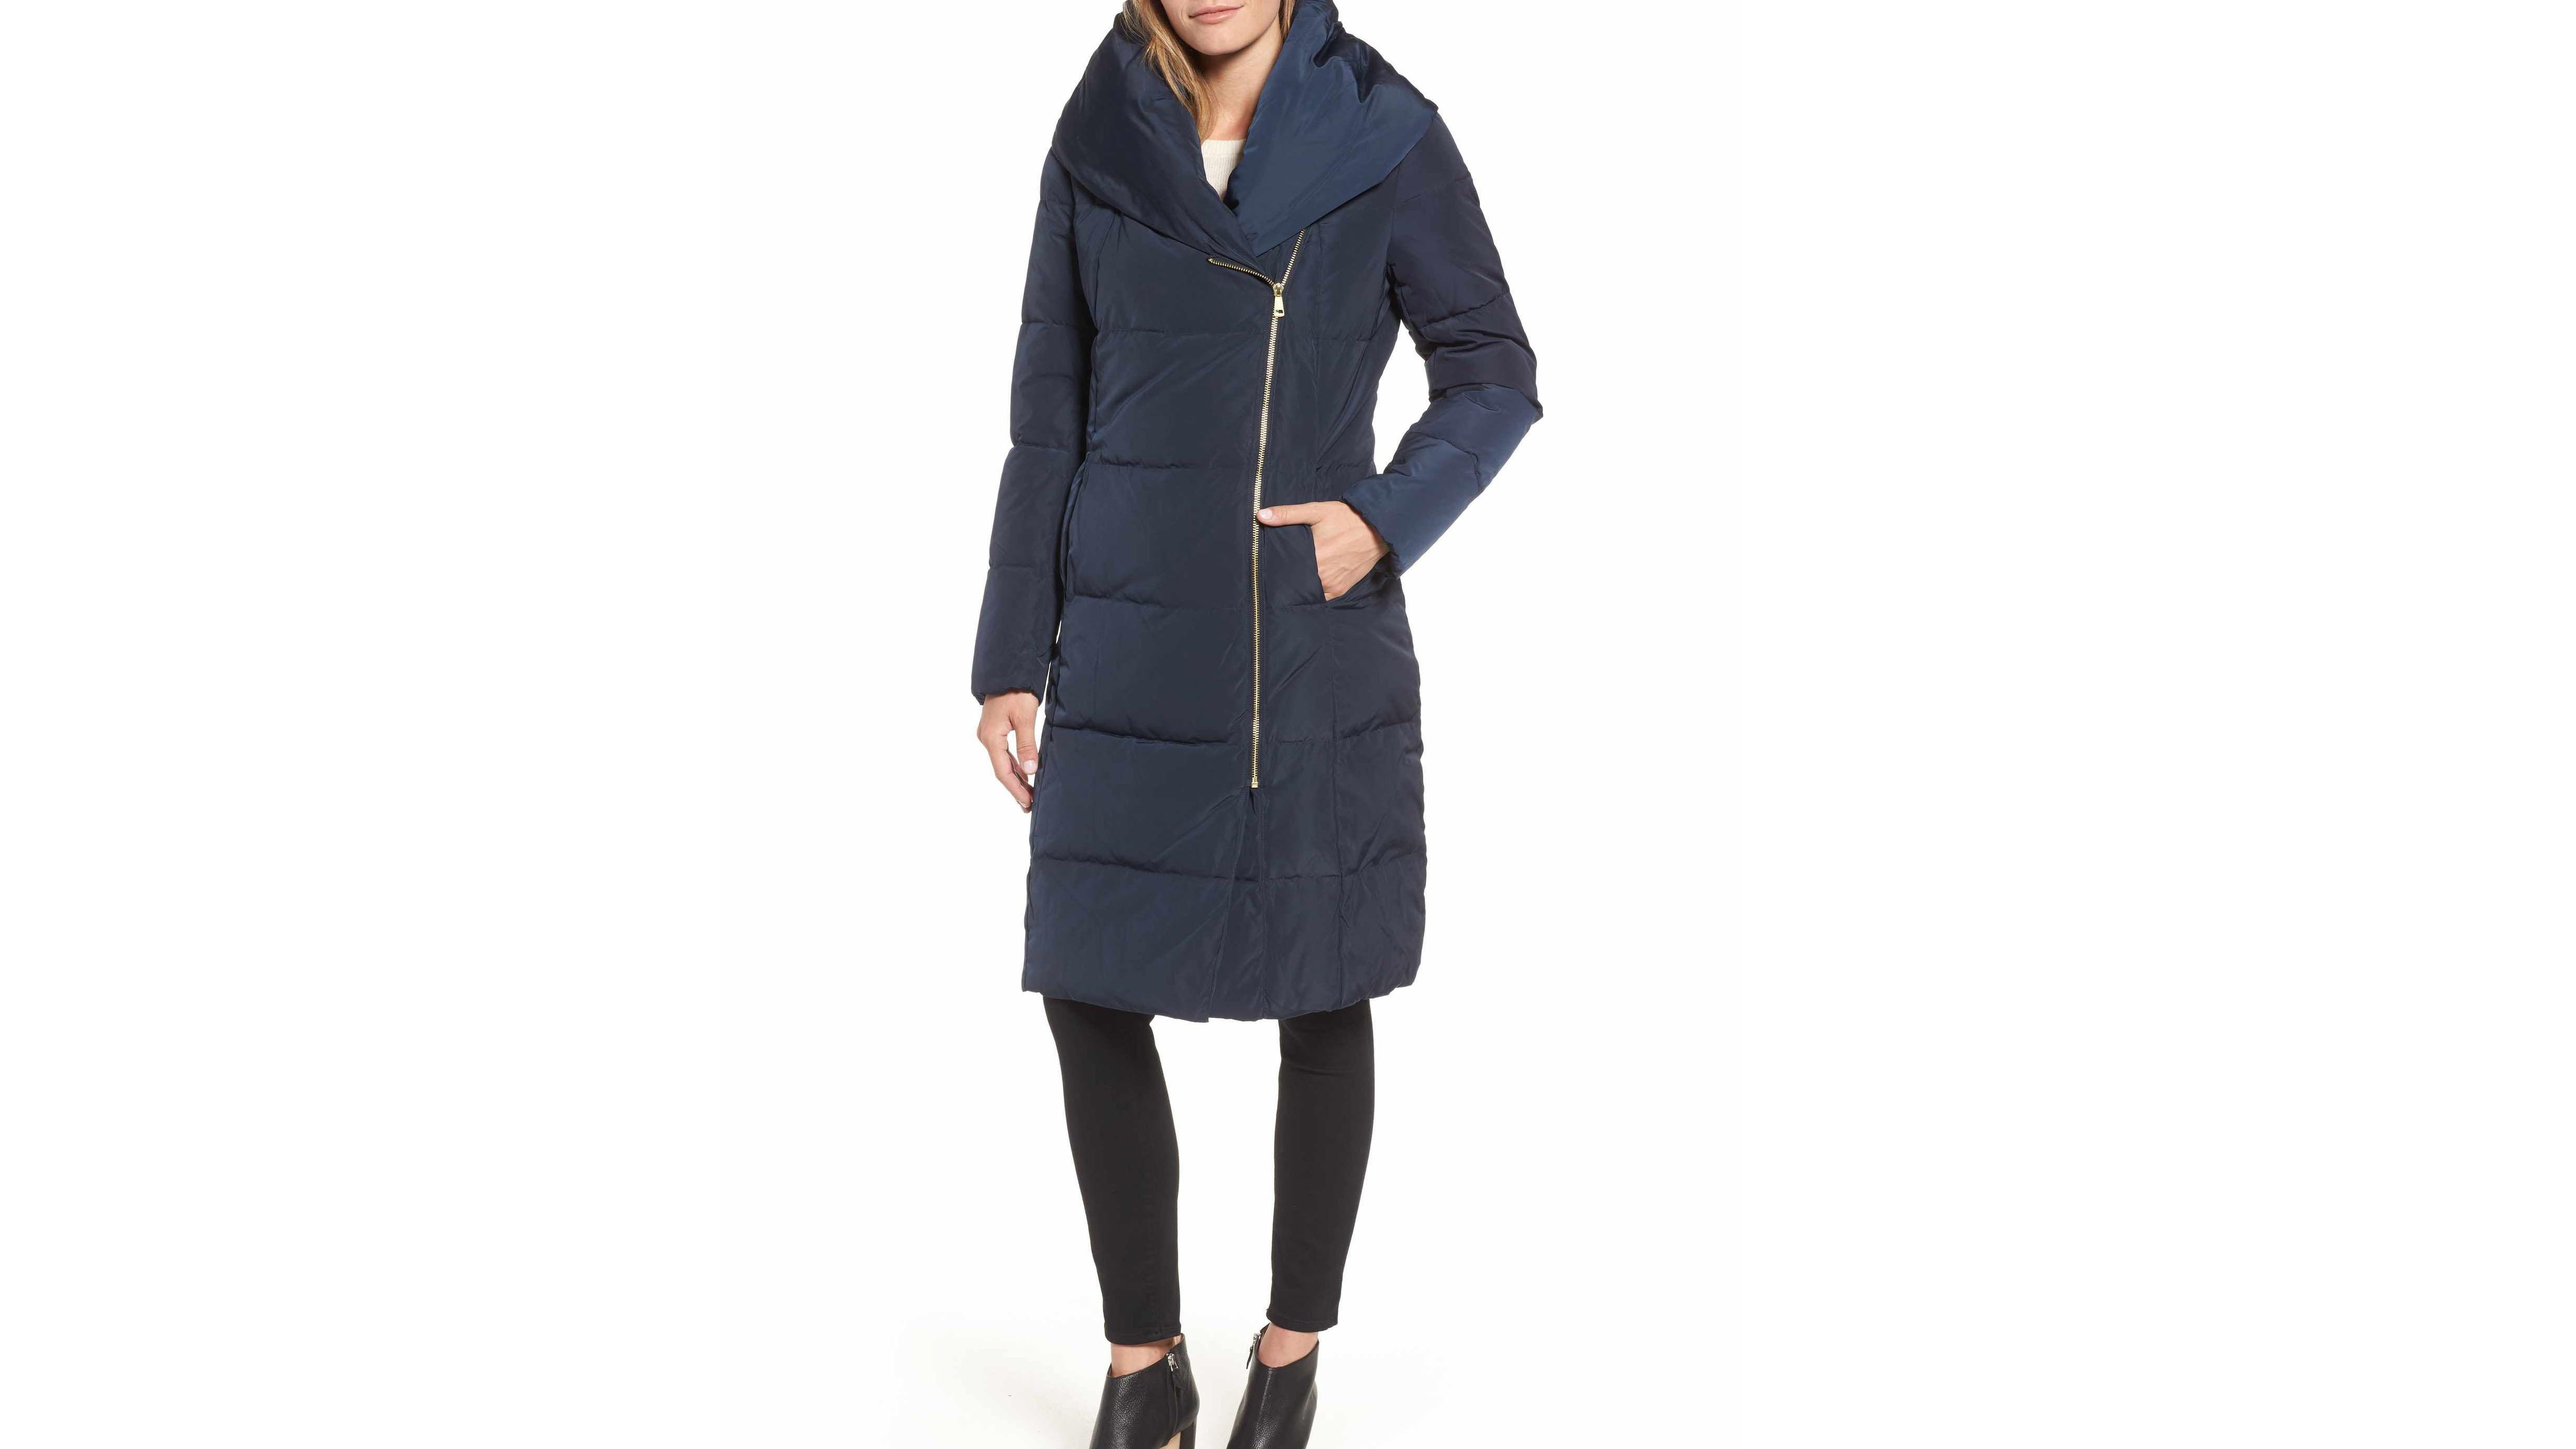 Cole Haan Winter Coat